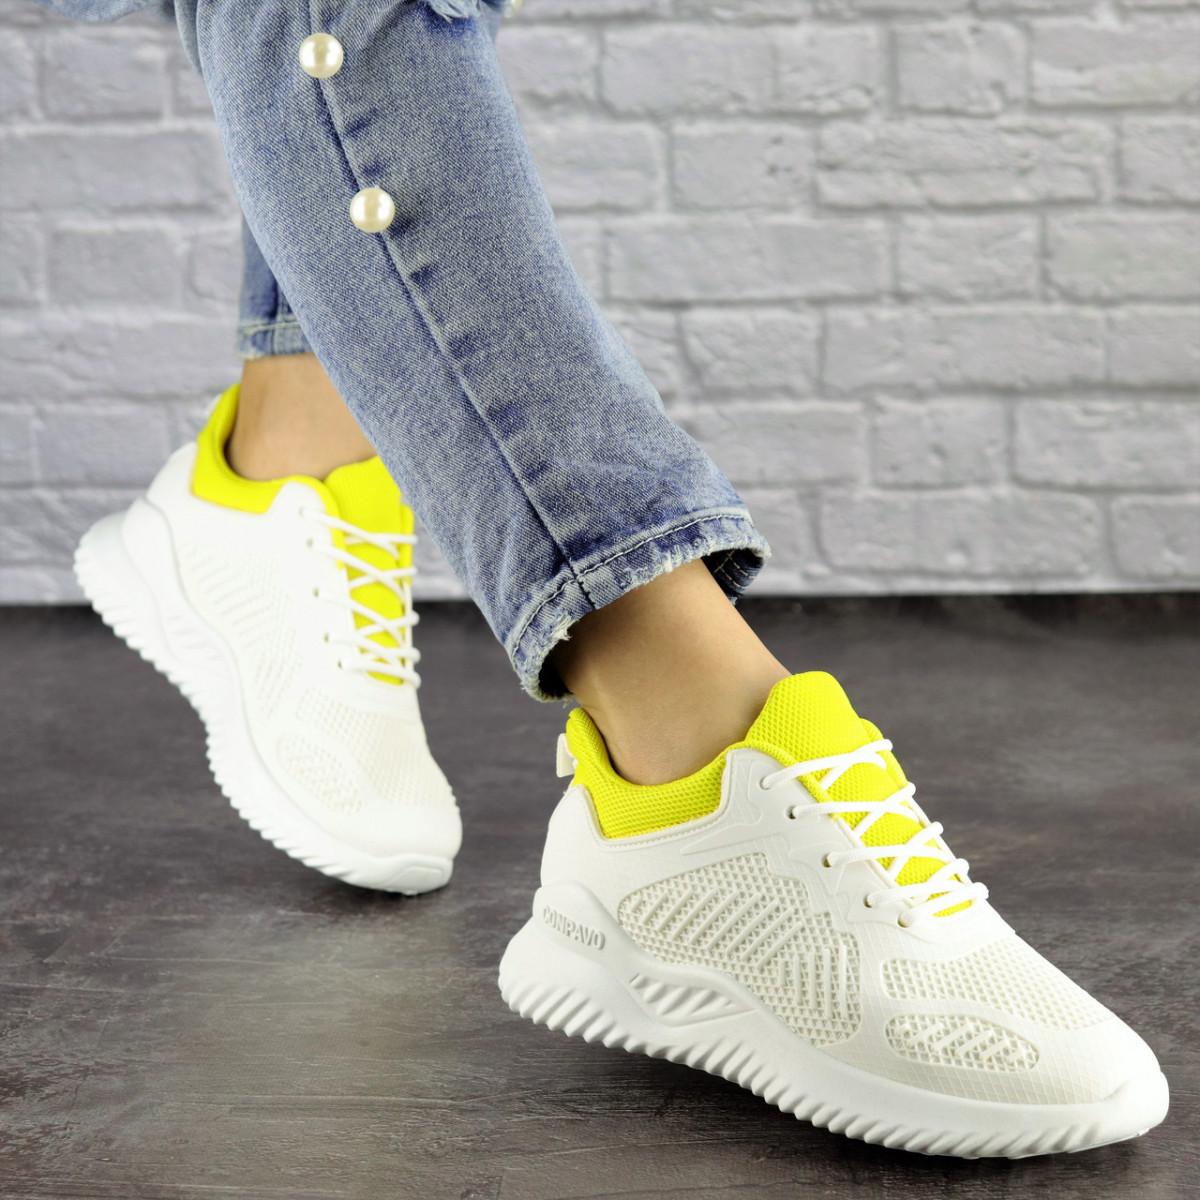 Женские белые кроссовки Molly 1510 (36 размер)